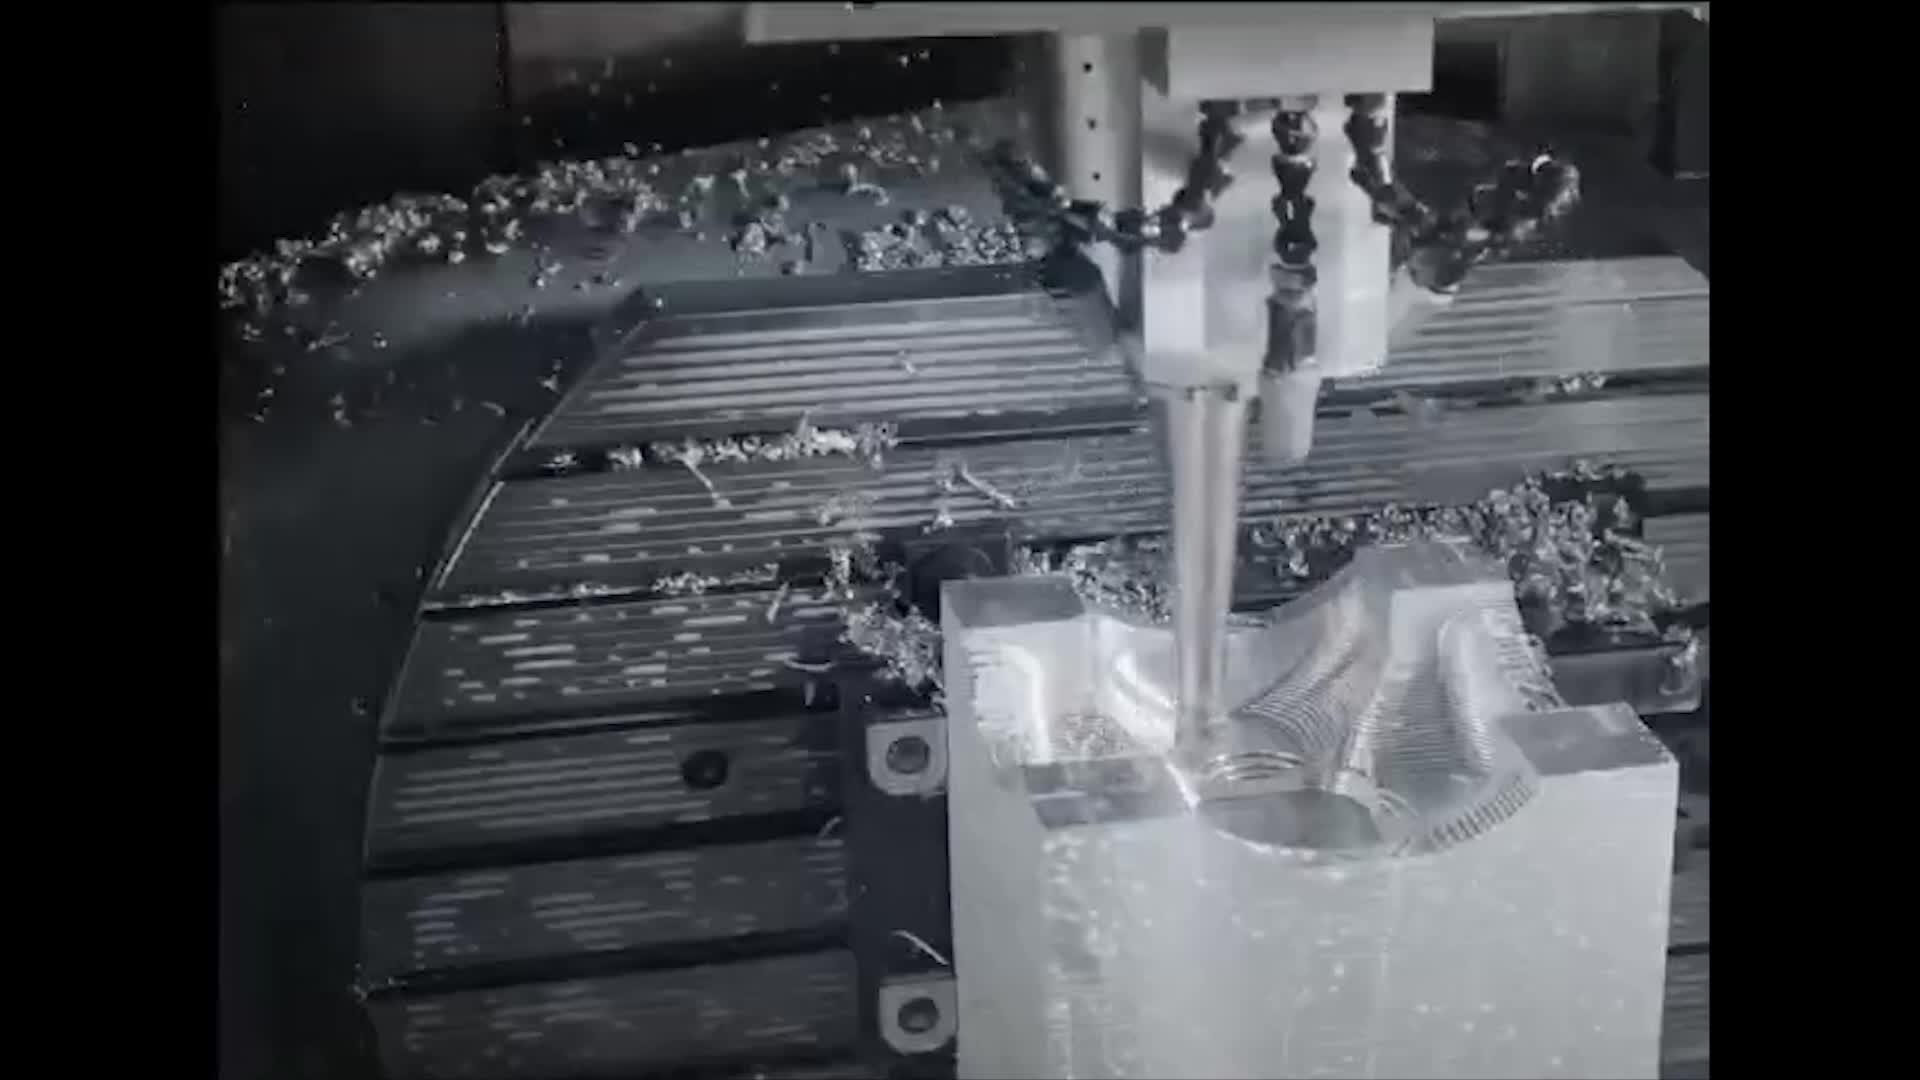 CNC части токарные станки oem точность алюминий сплав запчасти Высокое качество запасных частей индивидуальные китайских производителей по низким ценам